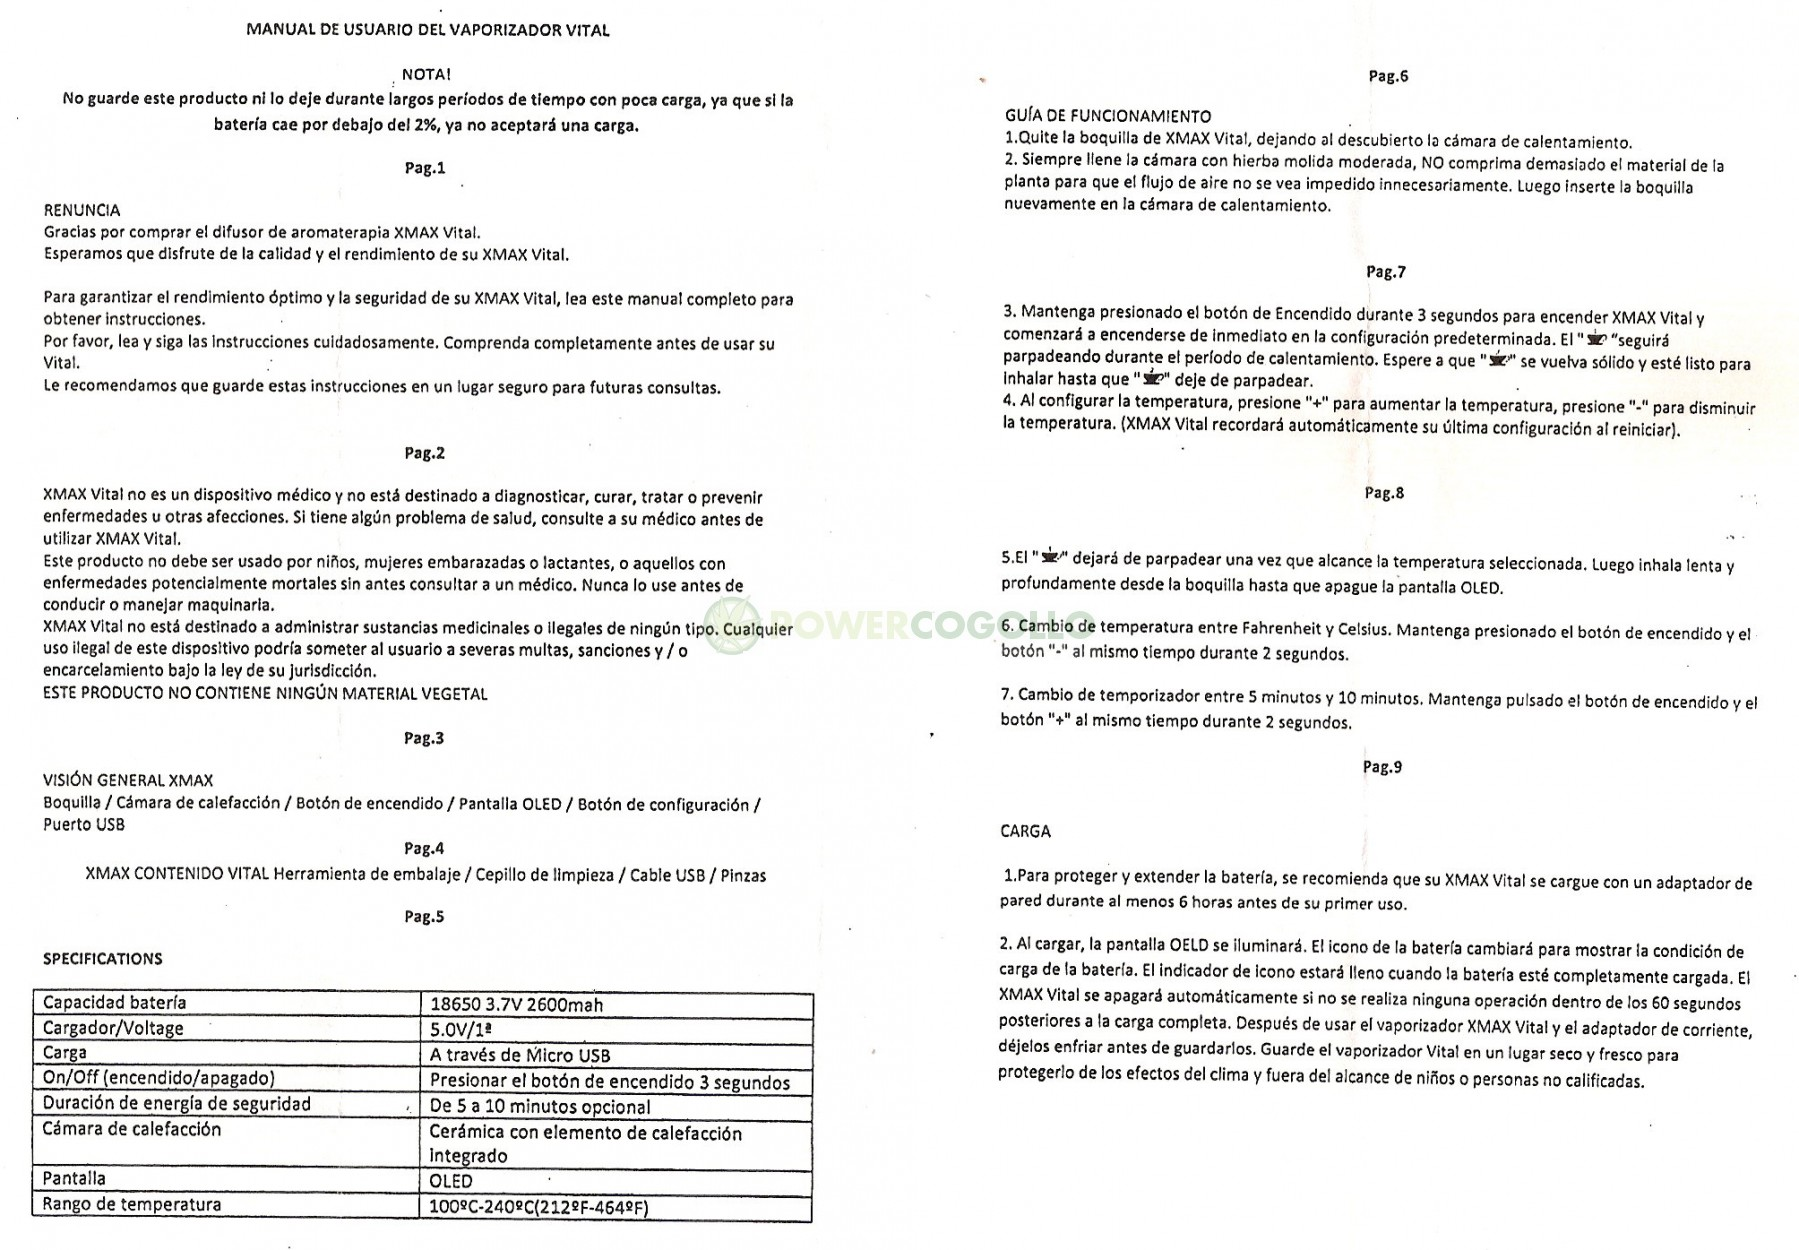 MANUAL INSTRUCCIONES VAPORIZADOR VITAL CELSIUS 7